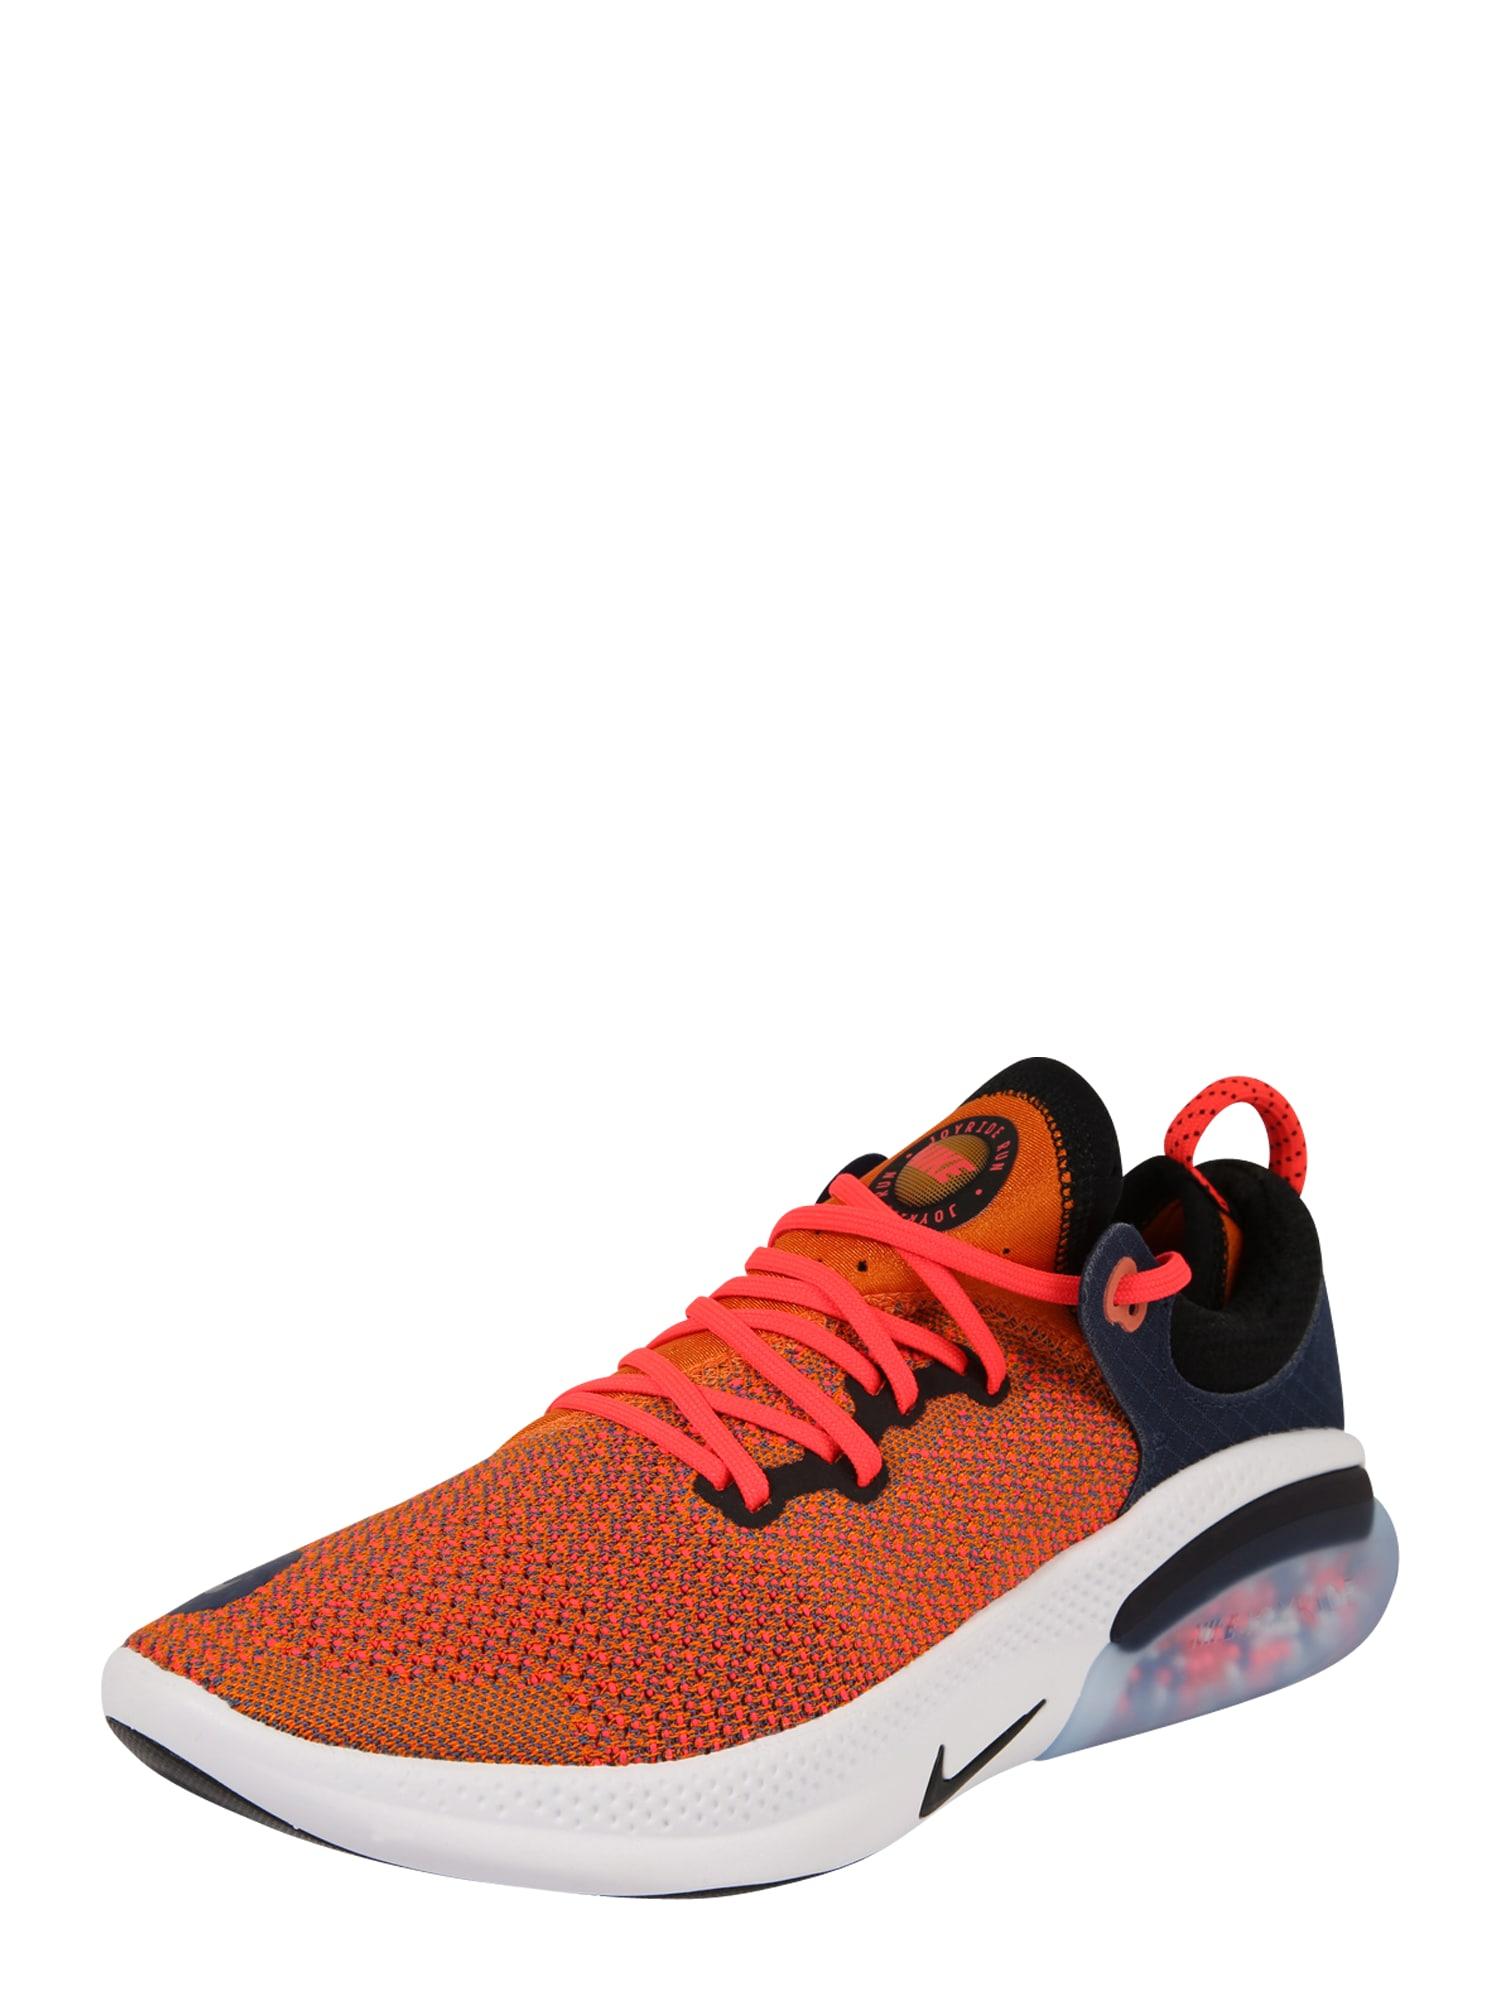 NIKE Bėgimo batai 'Joyride Run Flyknit' juoda / tamsiai mėlyna / oranžinė